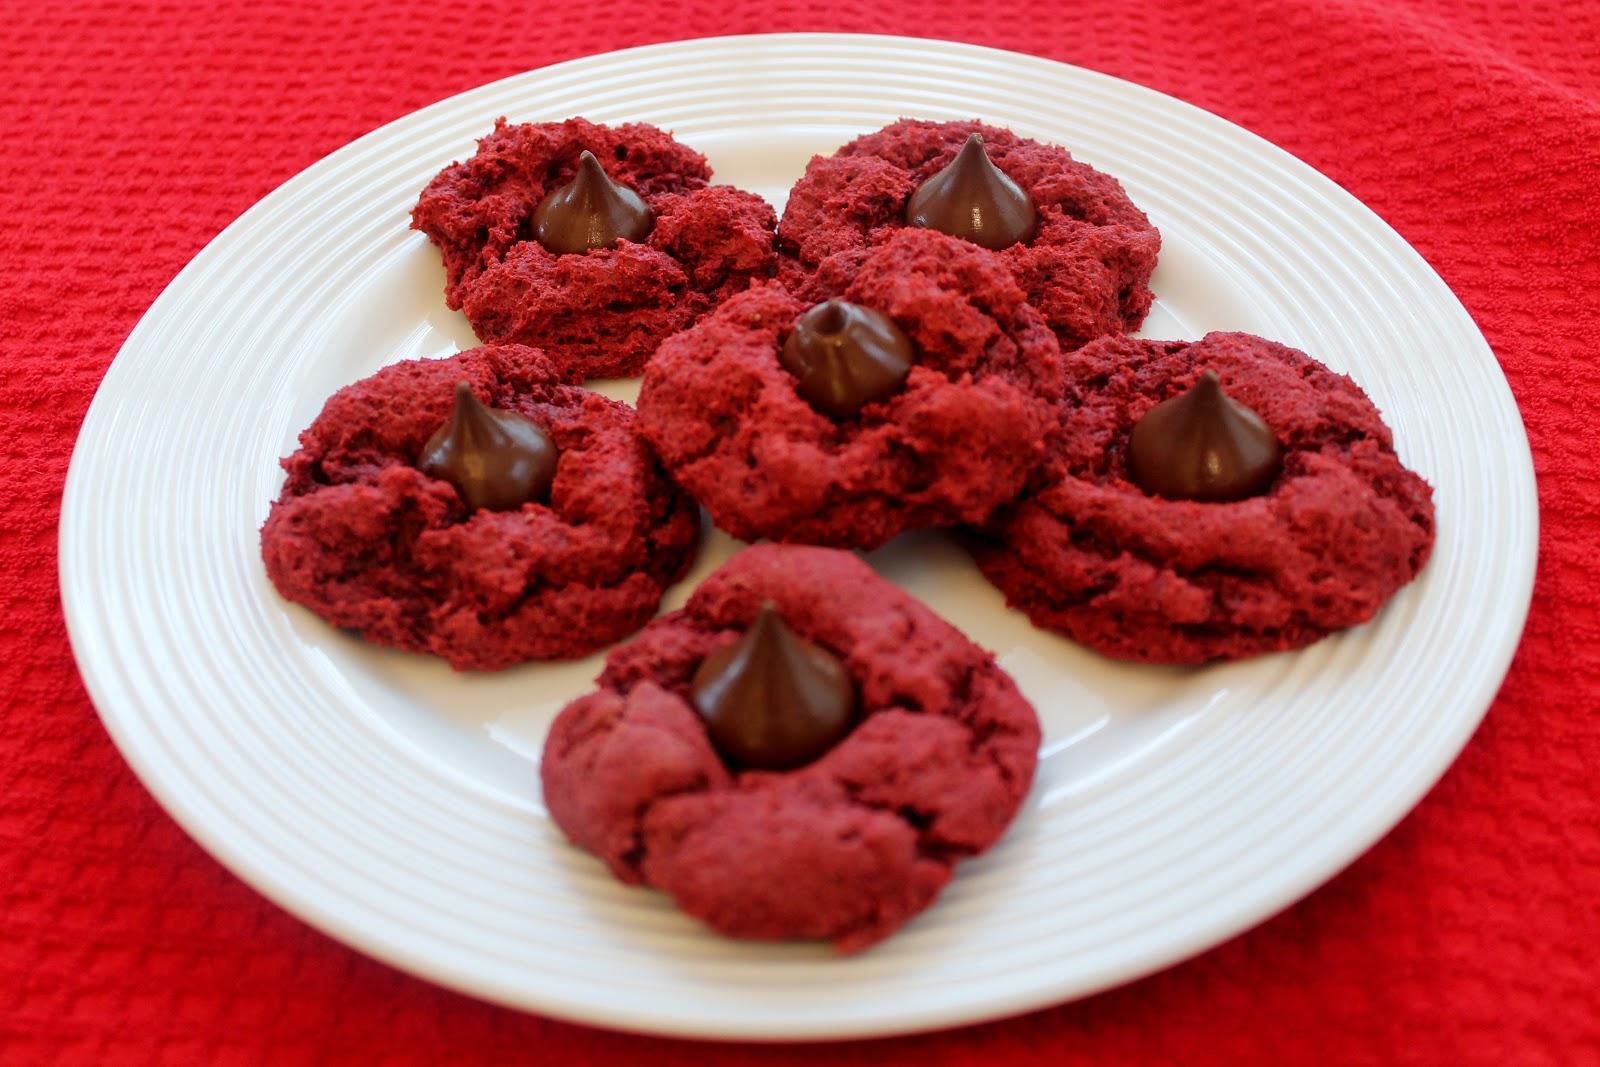 Key Ingredients: Red Velvet Hershey Kiss Cookies